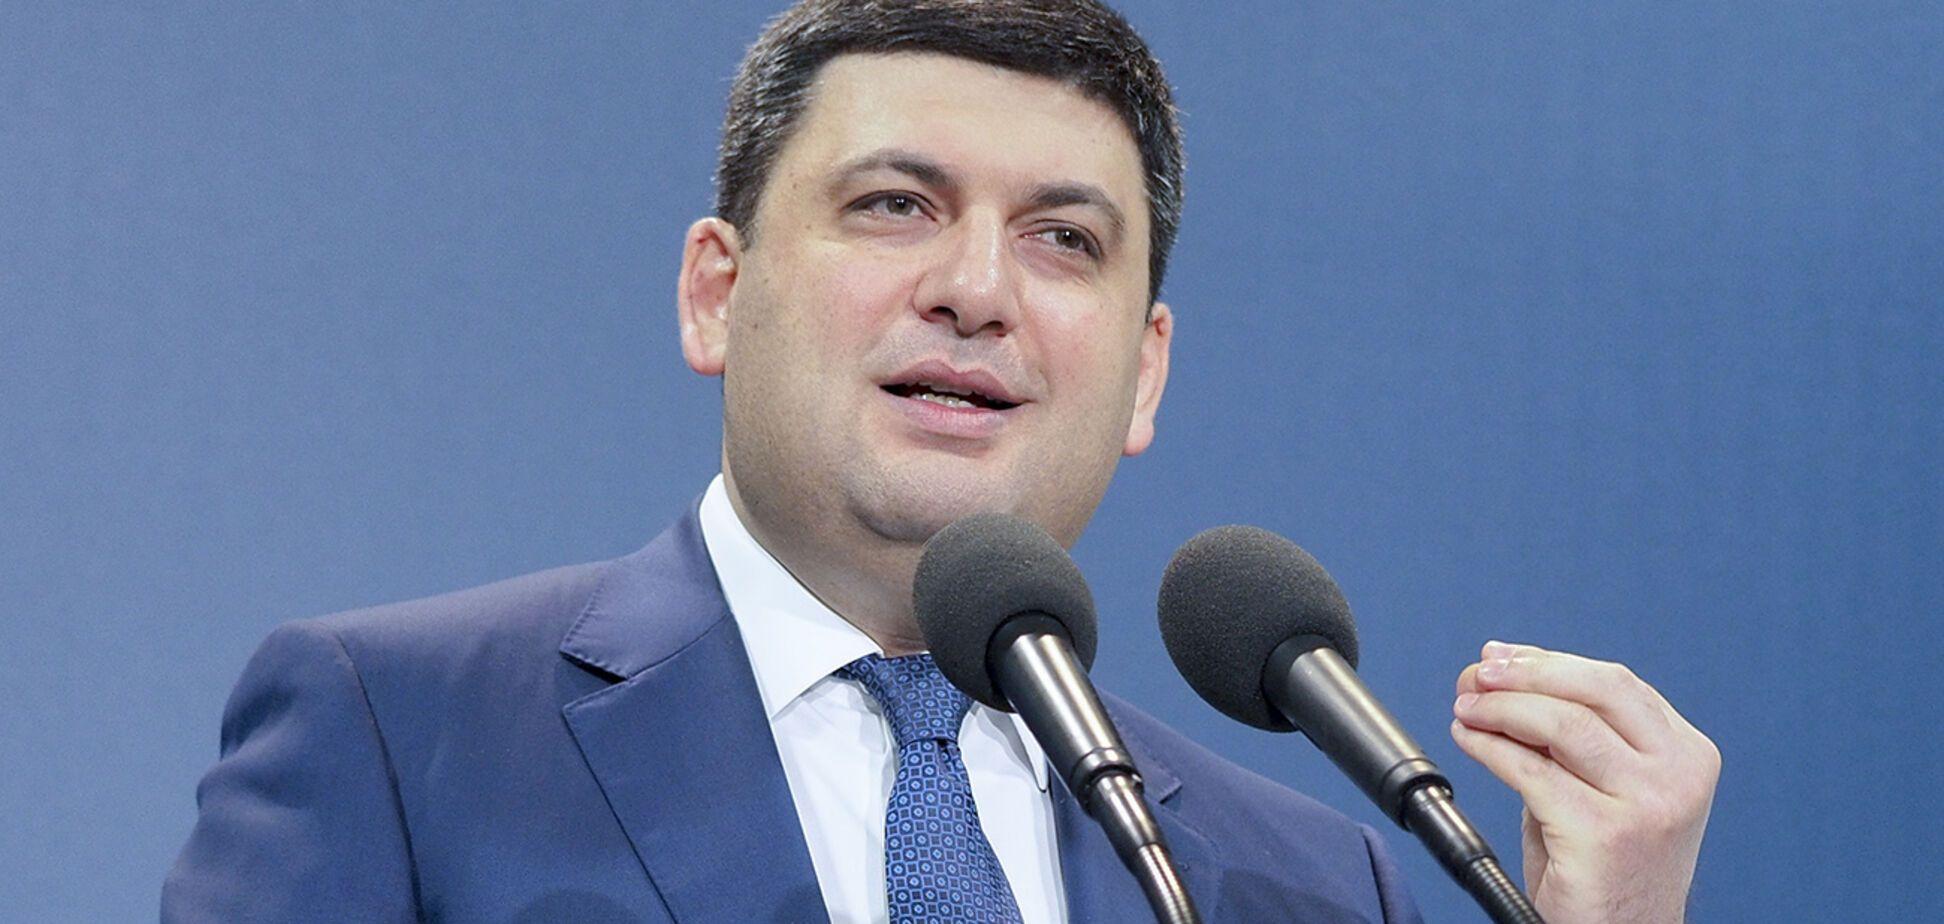 Отставка Гройсмана: у Порошенко заговорили о новом статусе премьера